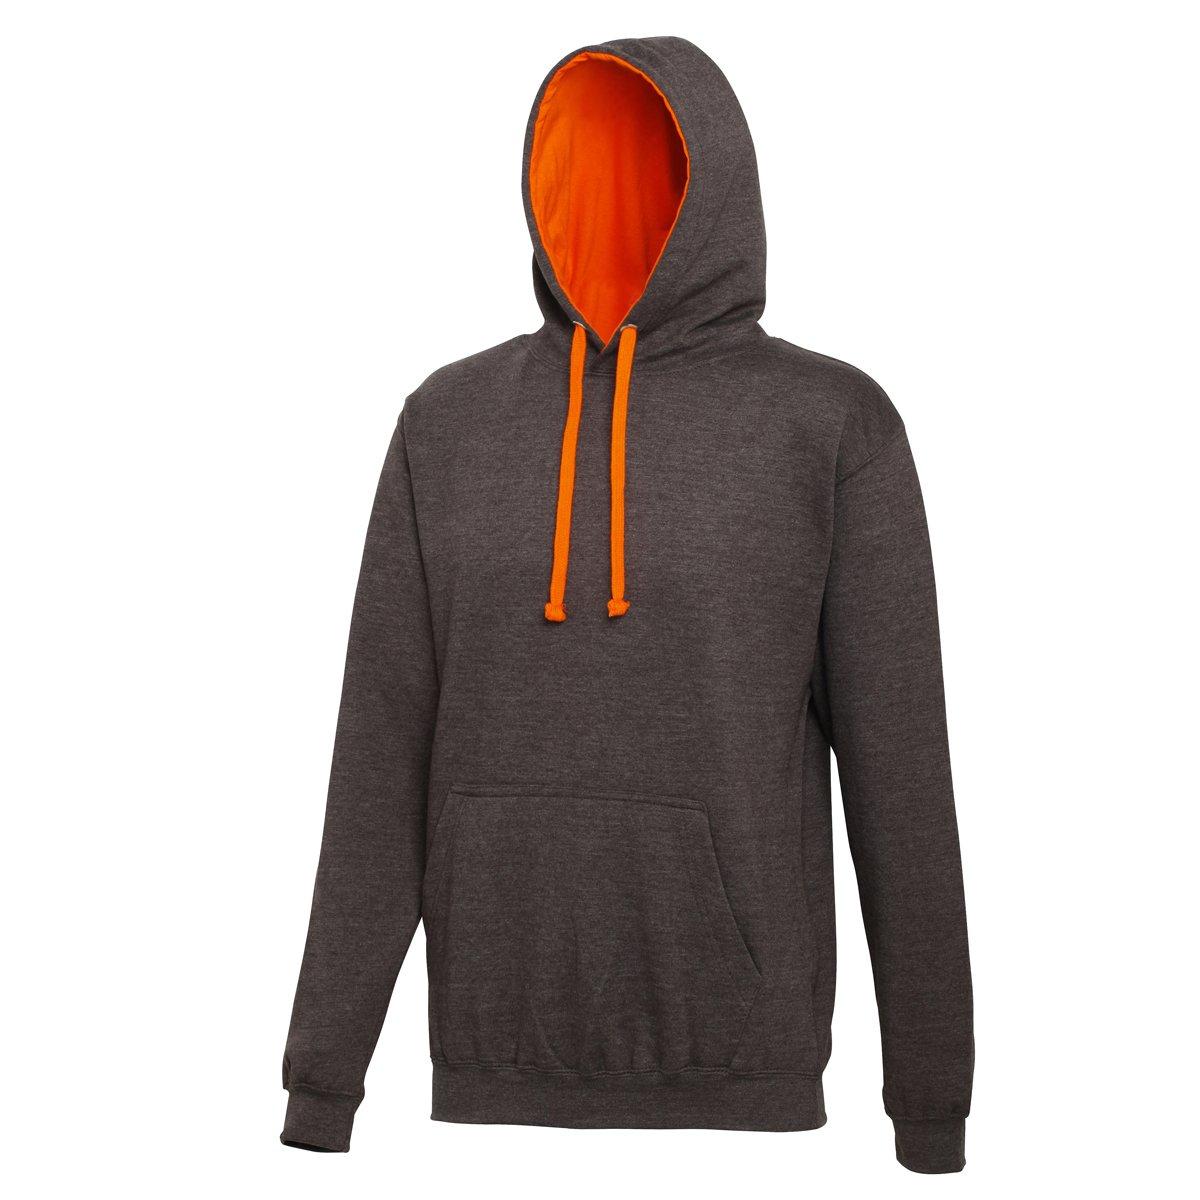 AWDis Hoods Varsity Hoodie Charcoal-Orange Crush Streetwear Hoodies